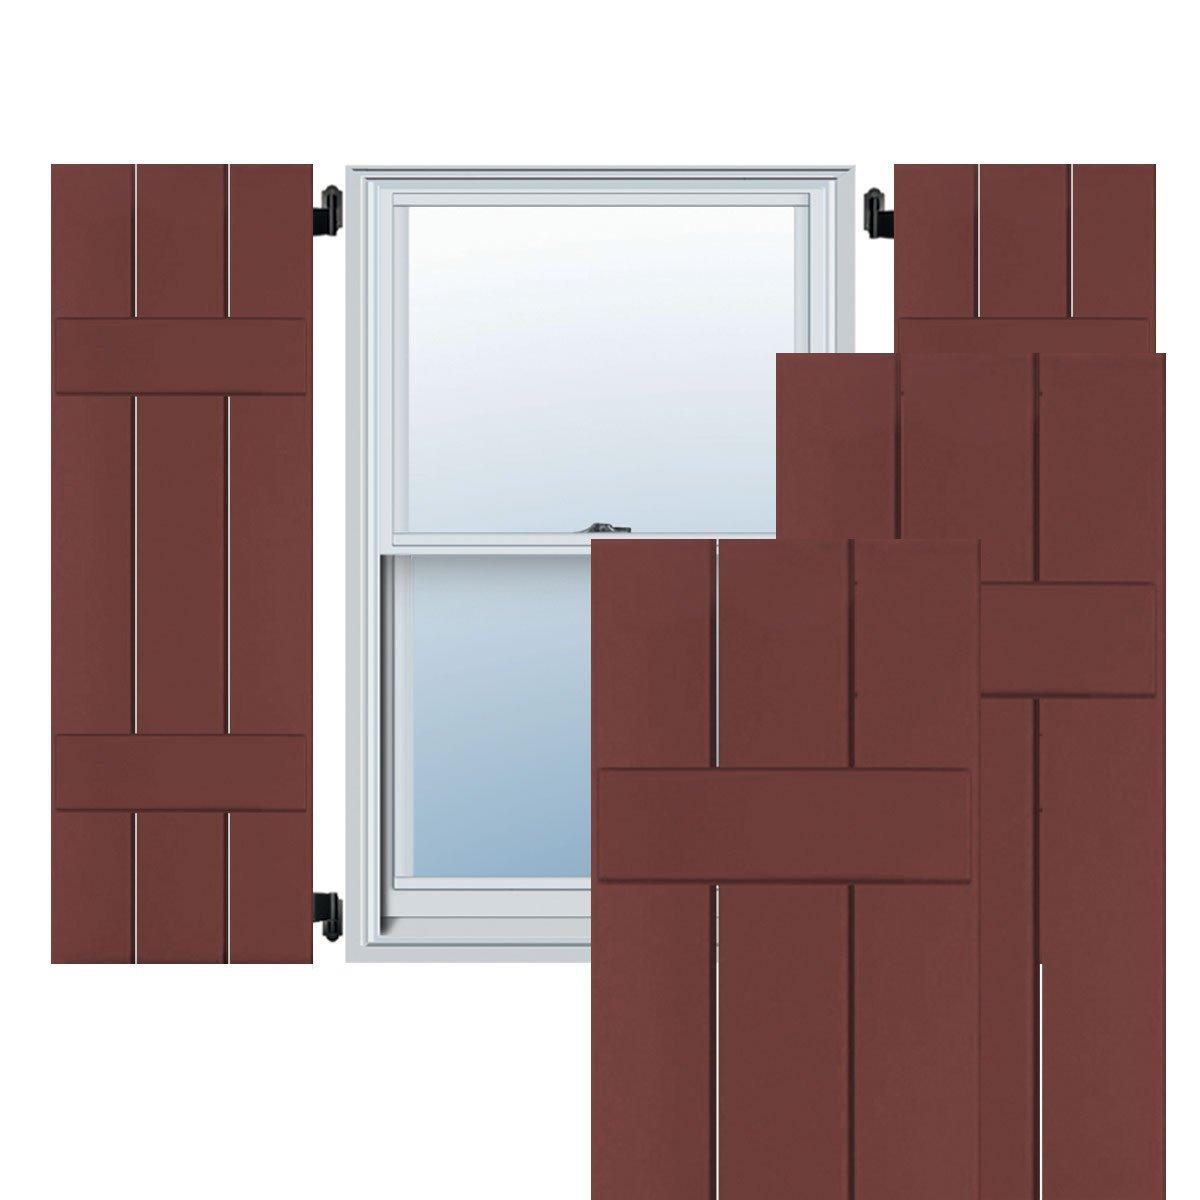 Ekena Millwork CWB12X036CRC Exterior Three Board